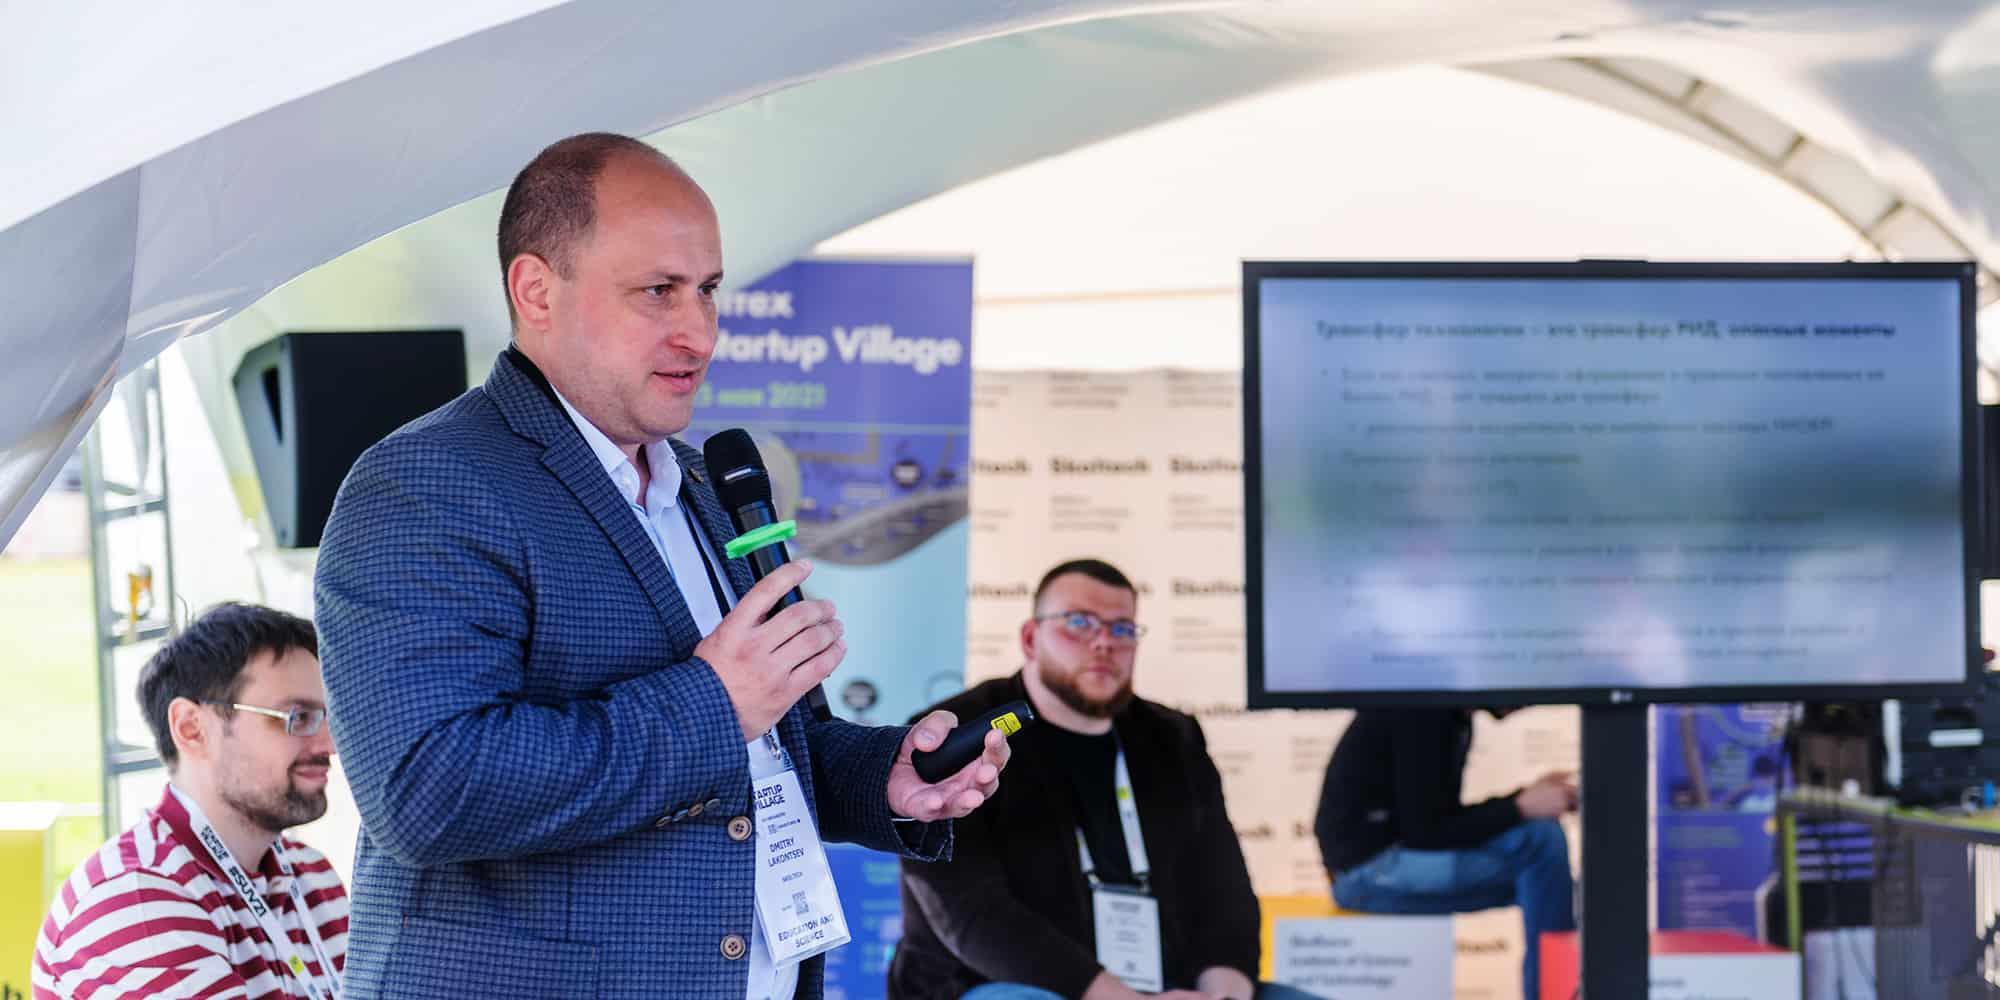 Полтора года назад Сколтех поставил перед собой амбициозную задачу: разработать и подготовить к производству первую отечественную базовую станцию для сетей пятого поколения (5G). Для успешного выполнения проекта требуются компетенции в…